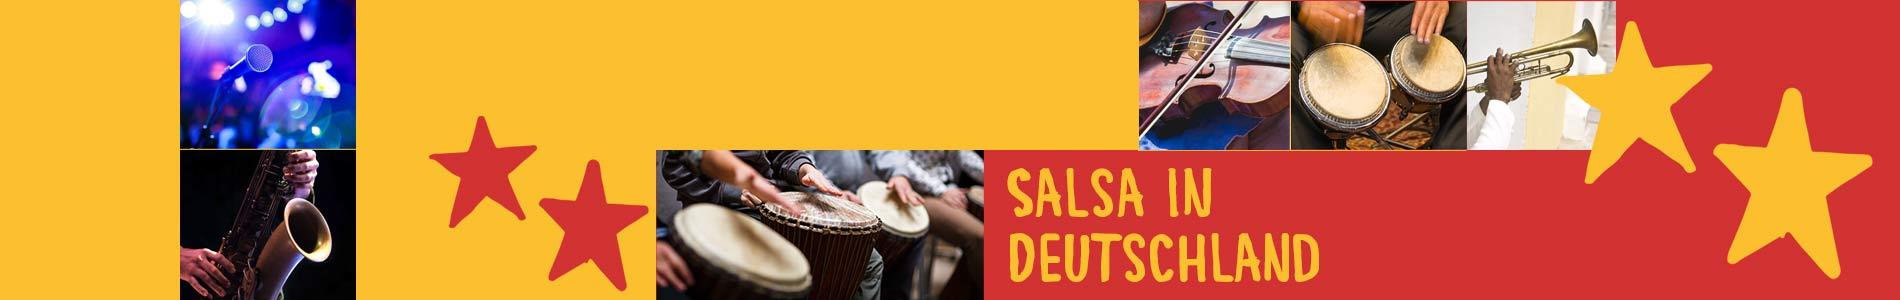 Salsa in Dalheim – Salsa lernen und tanzen, Tanzkurse, Partys, Veranstaltungen